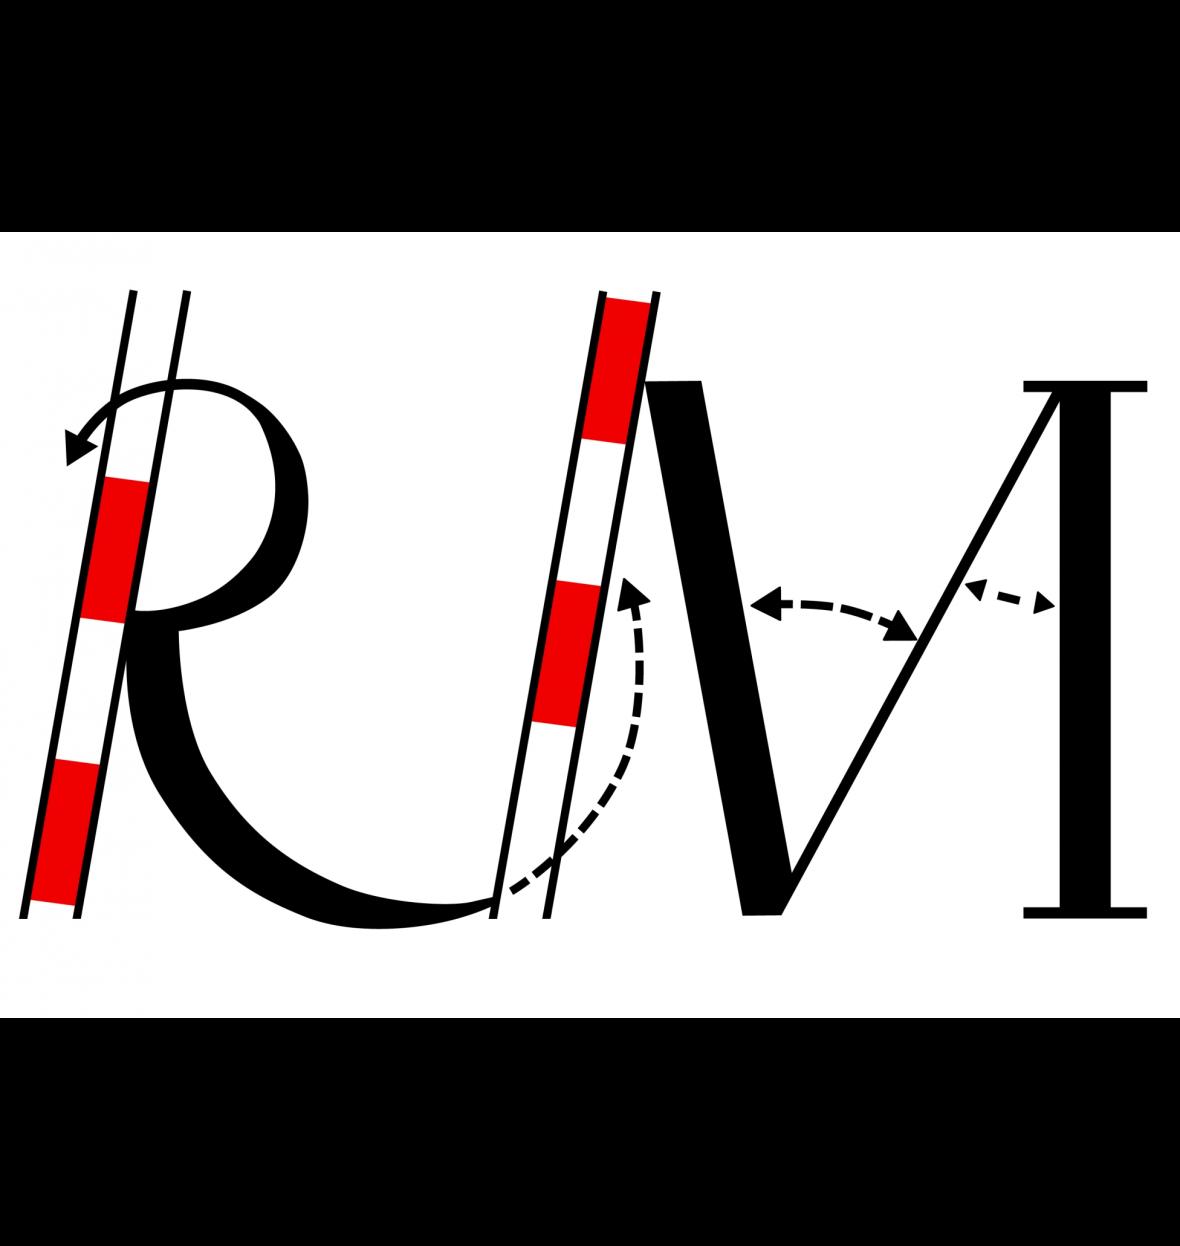 Das Logo RM des Vermessungsbüro Rox und Mertens